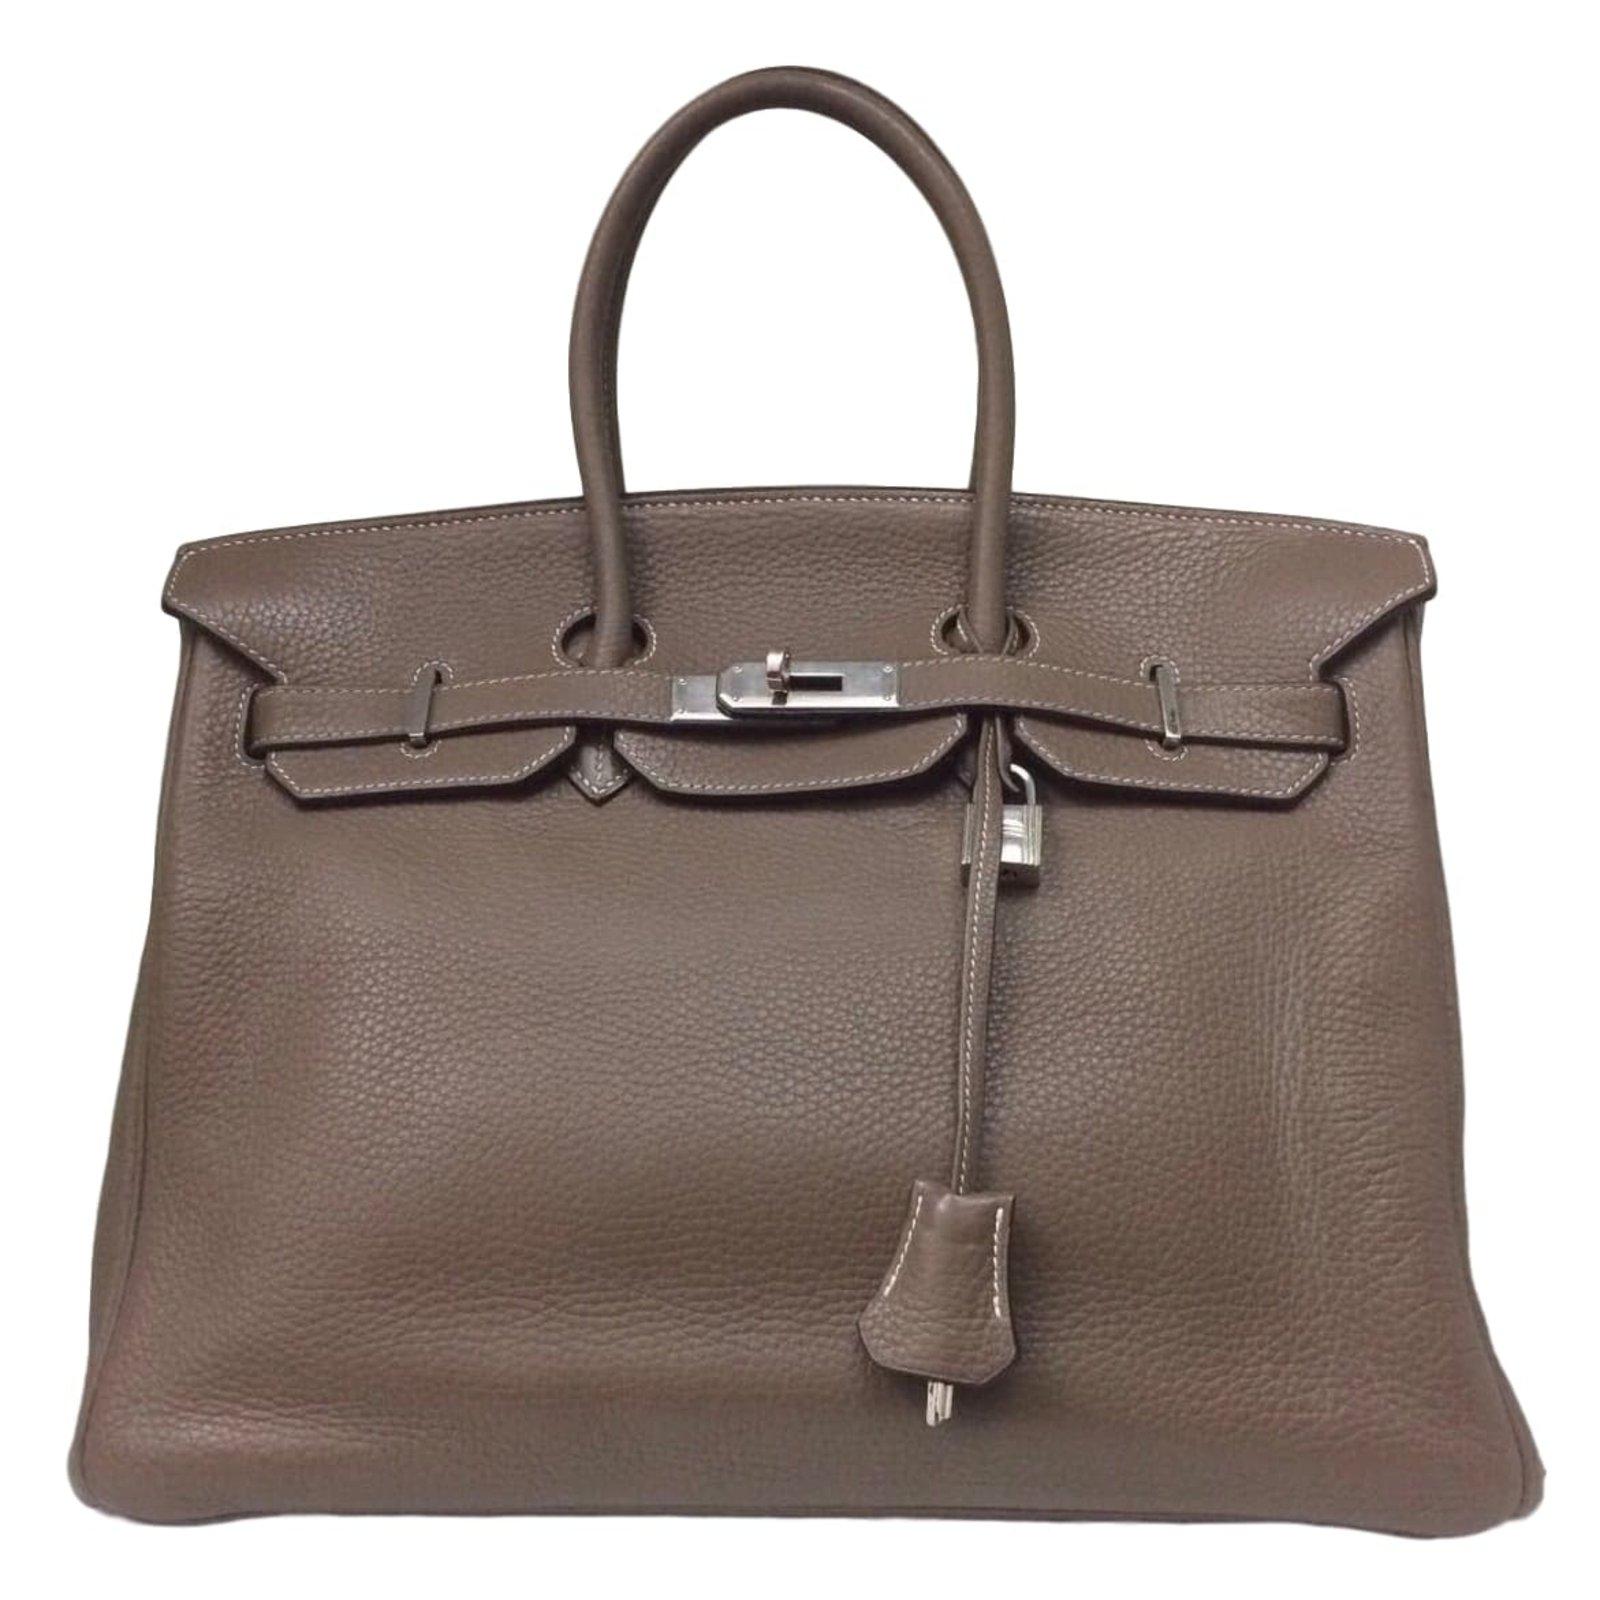 20236c9d117 Sacs à main Hermès Superbe Sac Hermès Birkin 35 étoupe en Clémence  Taurillon ! Cuir Gris